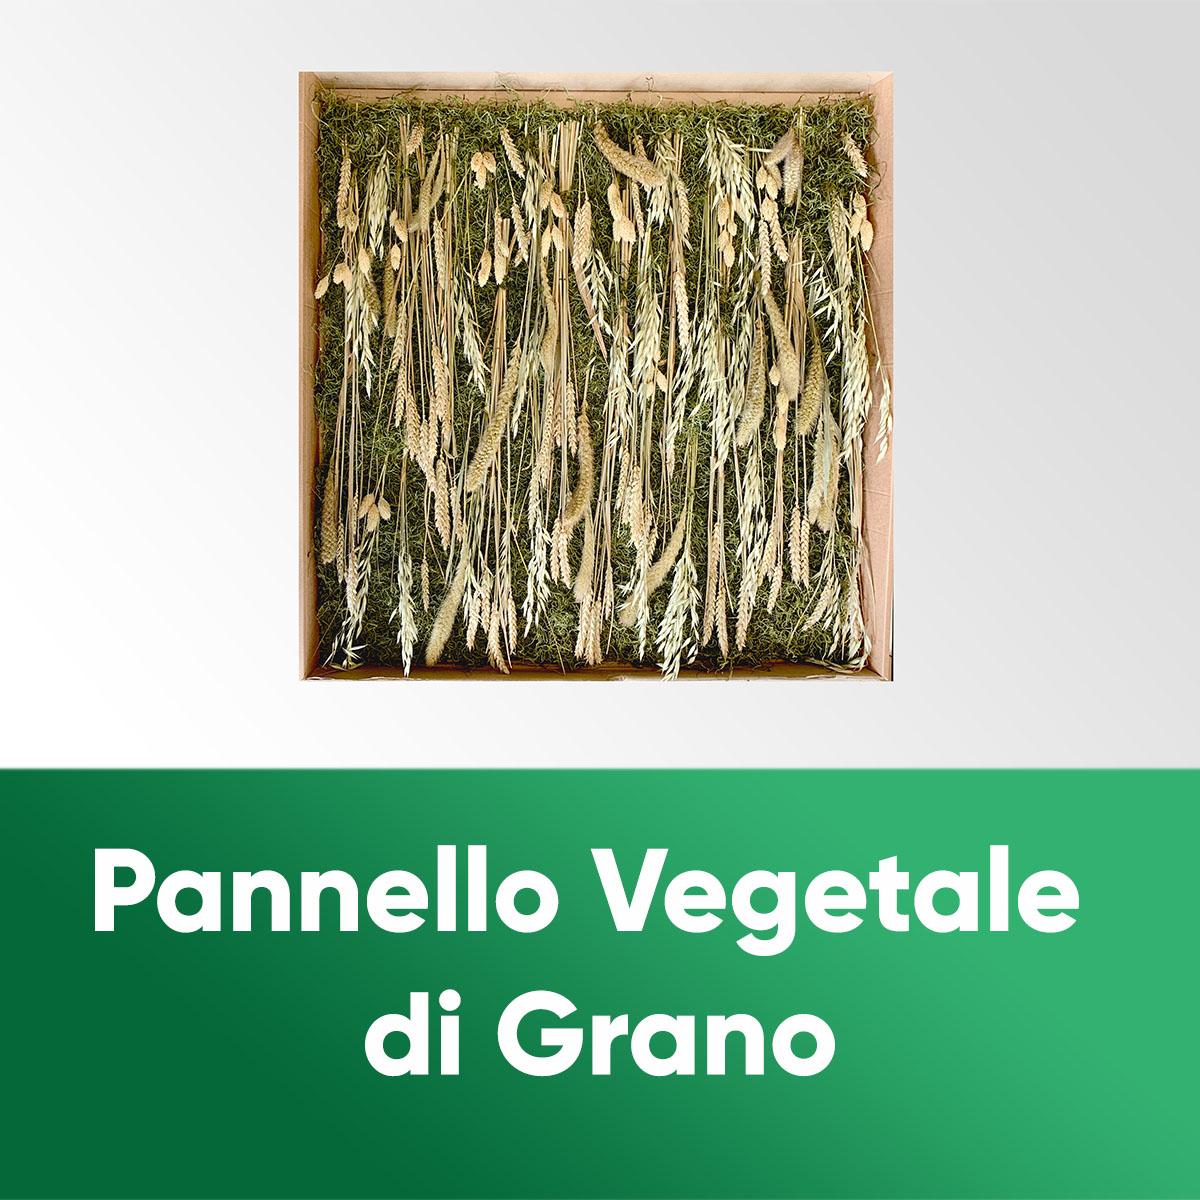 PANNELLO VEGETALE DI GRANO